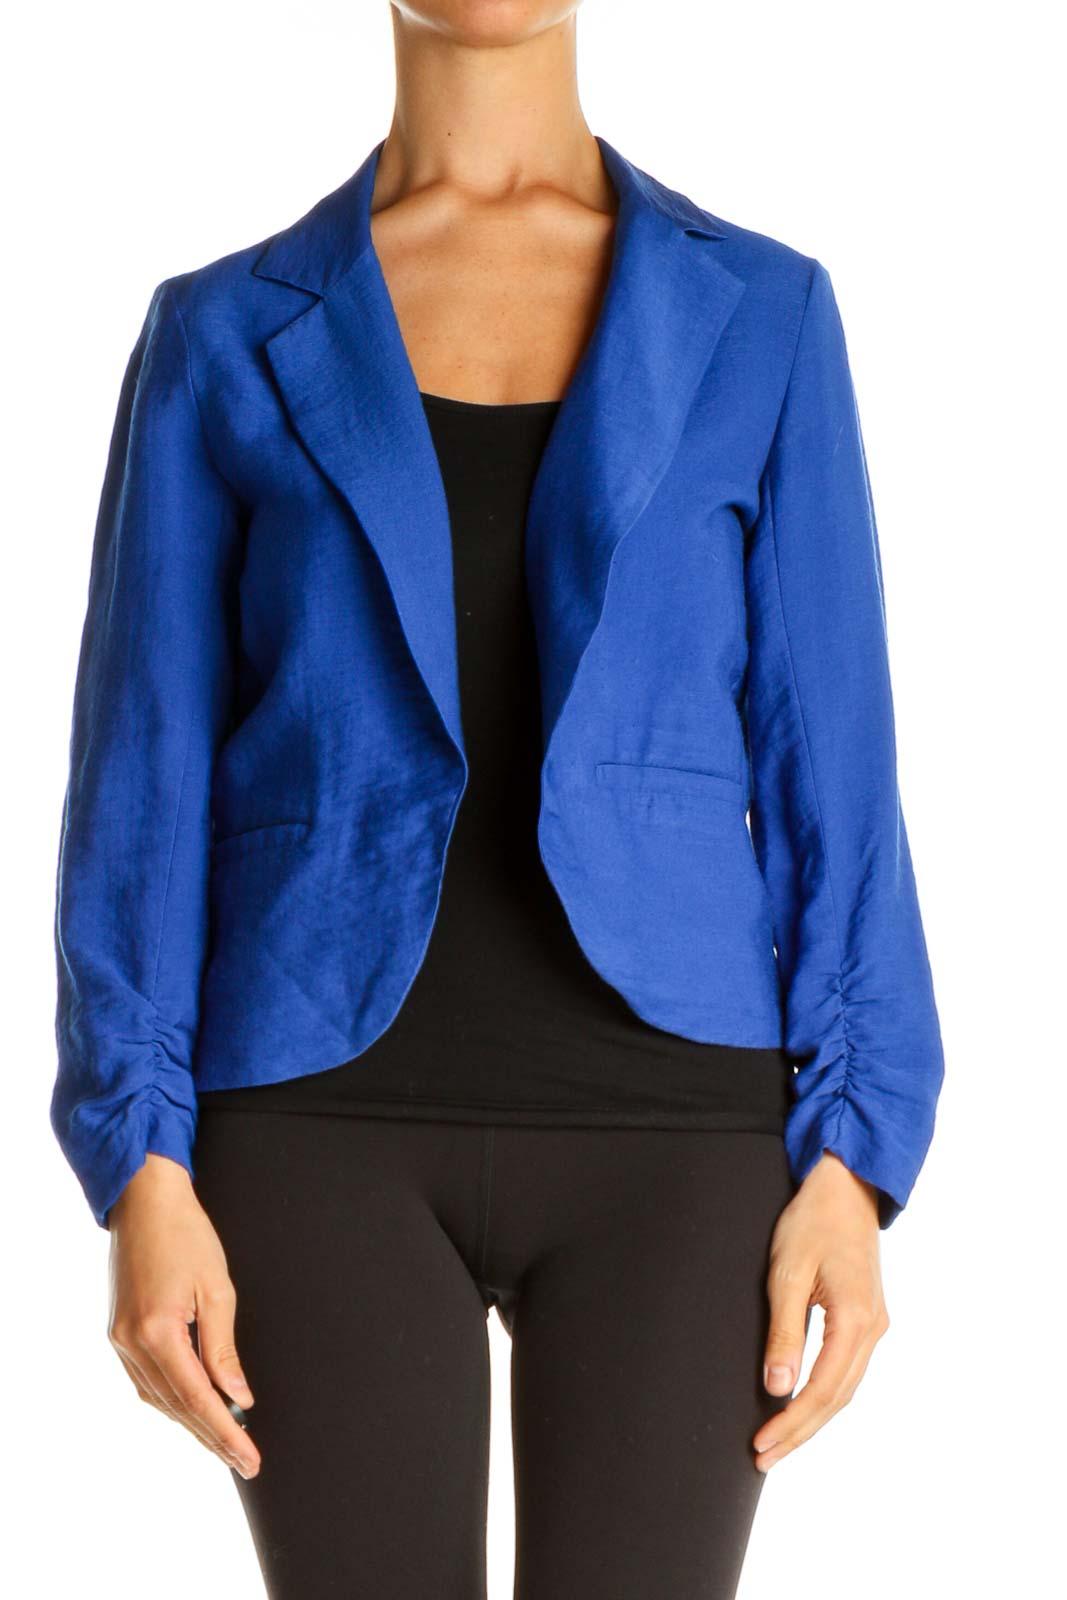 Blue Blazer Front